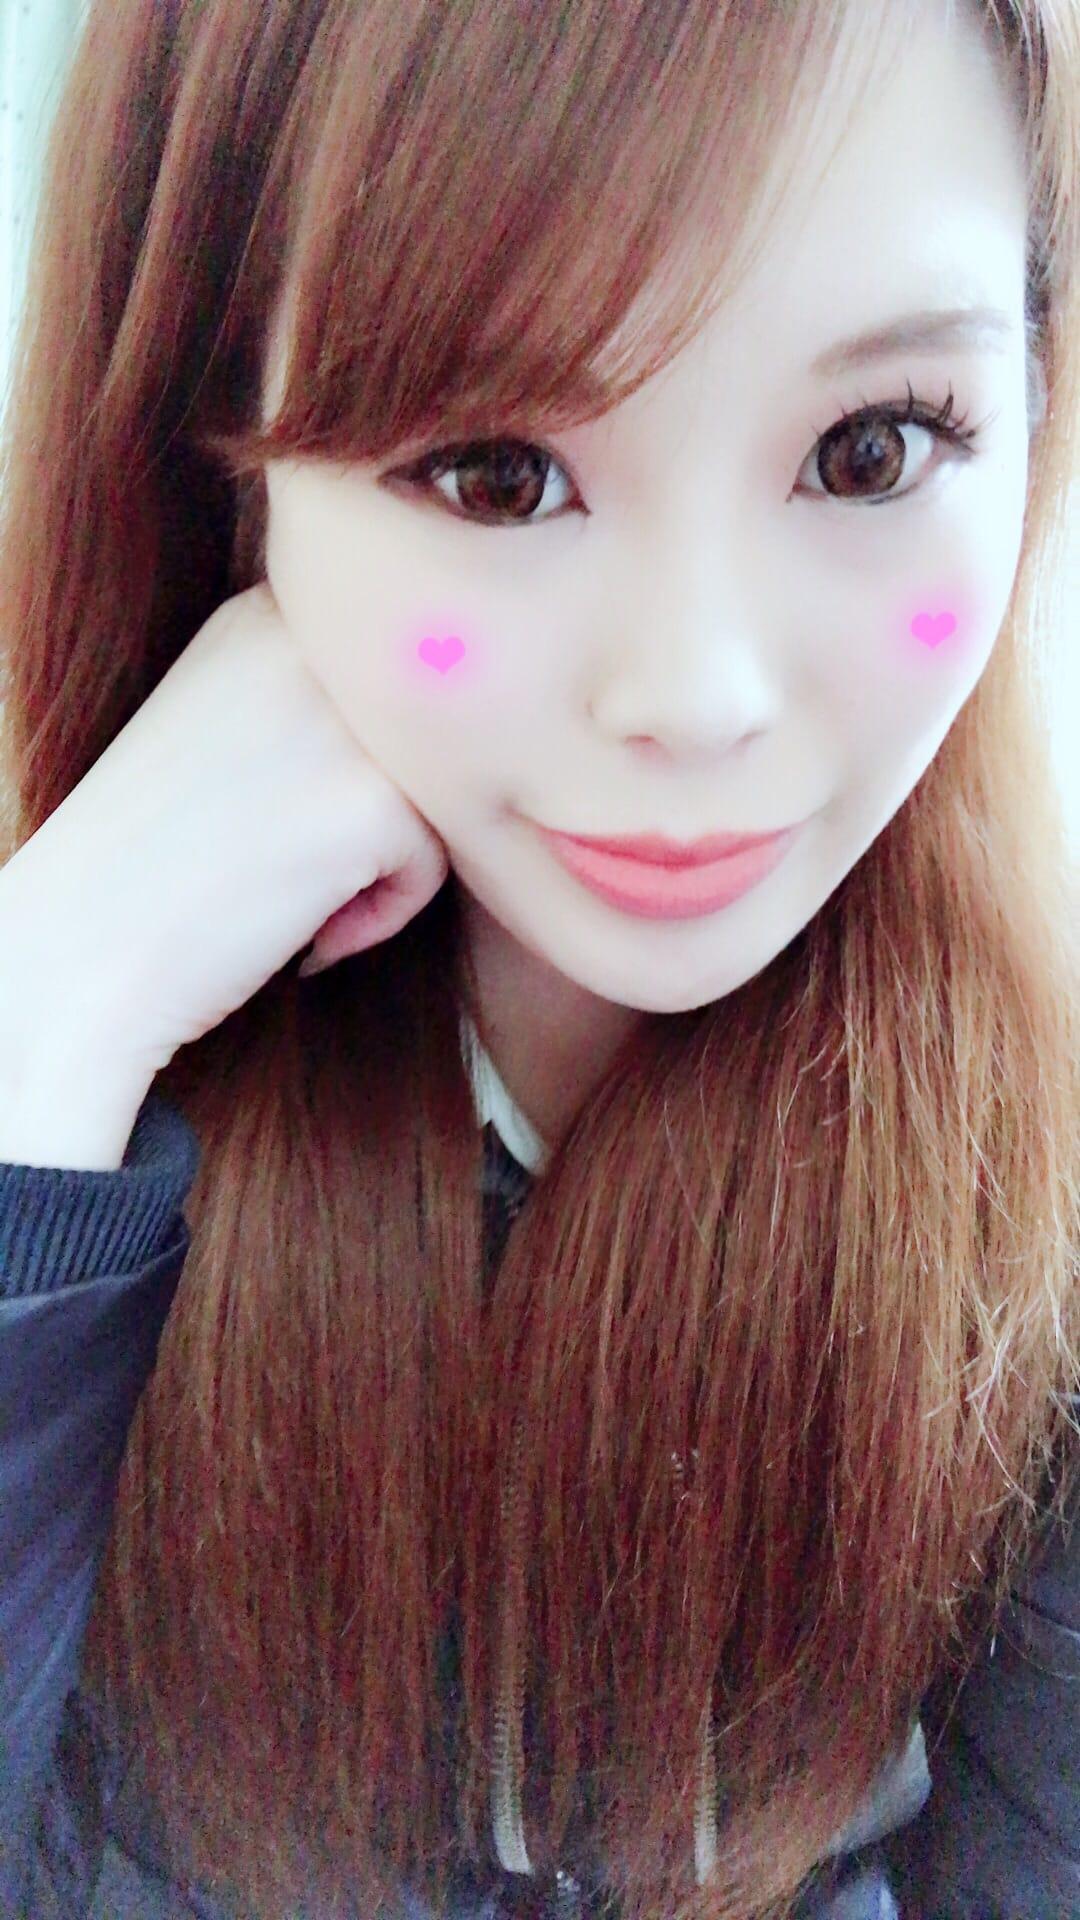 奈切 さゆ「本指名のお兄様」02/18(日) 17:22 | 奈切 さゆの写メ・風俗動画